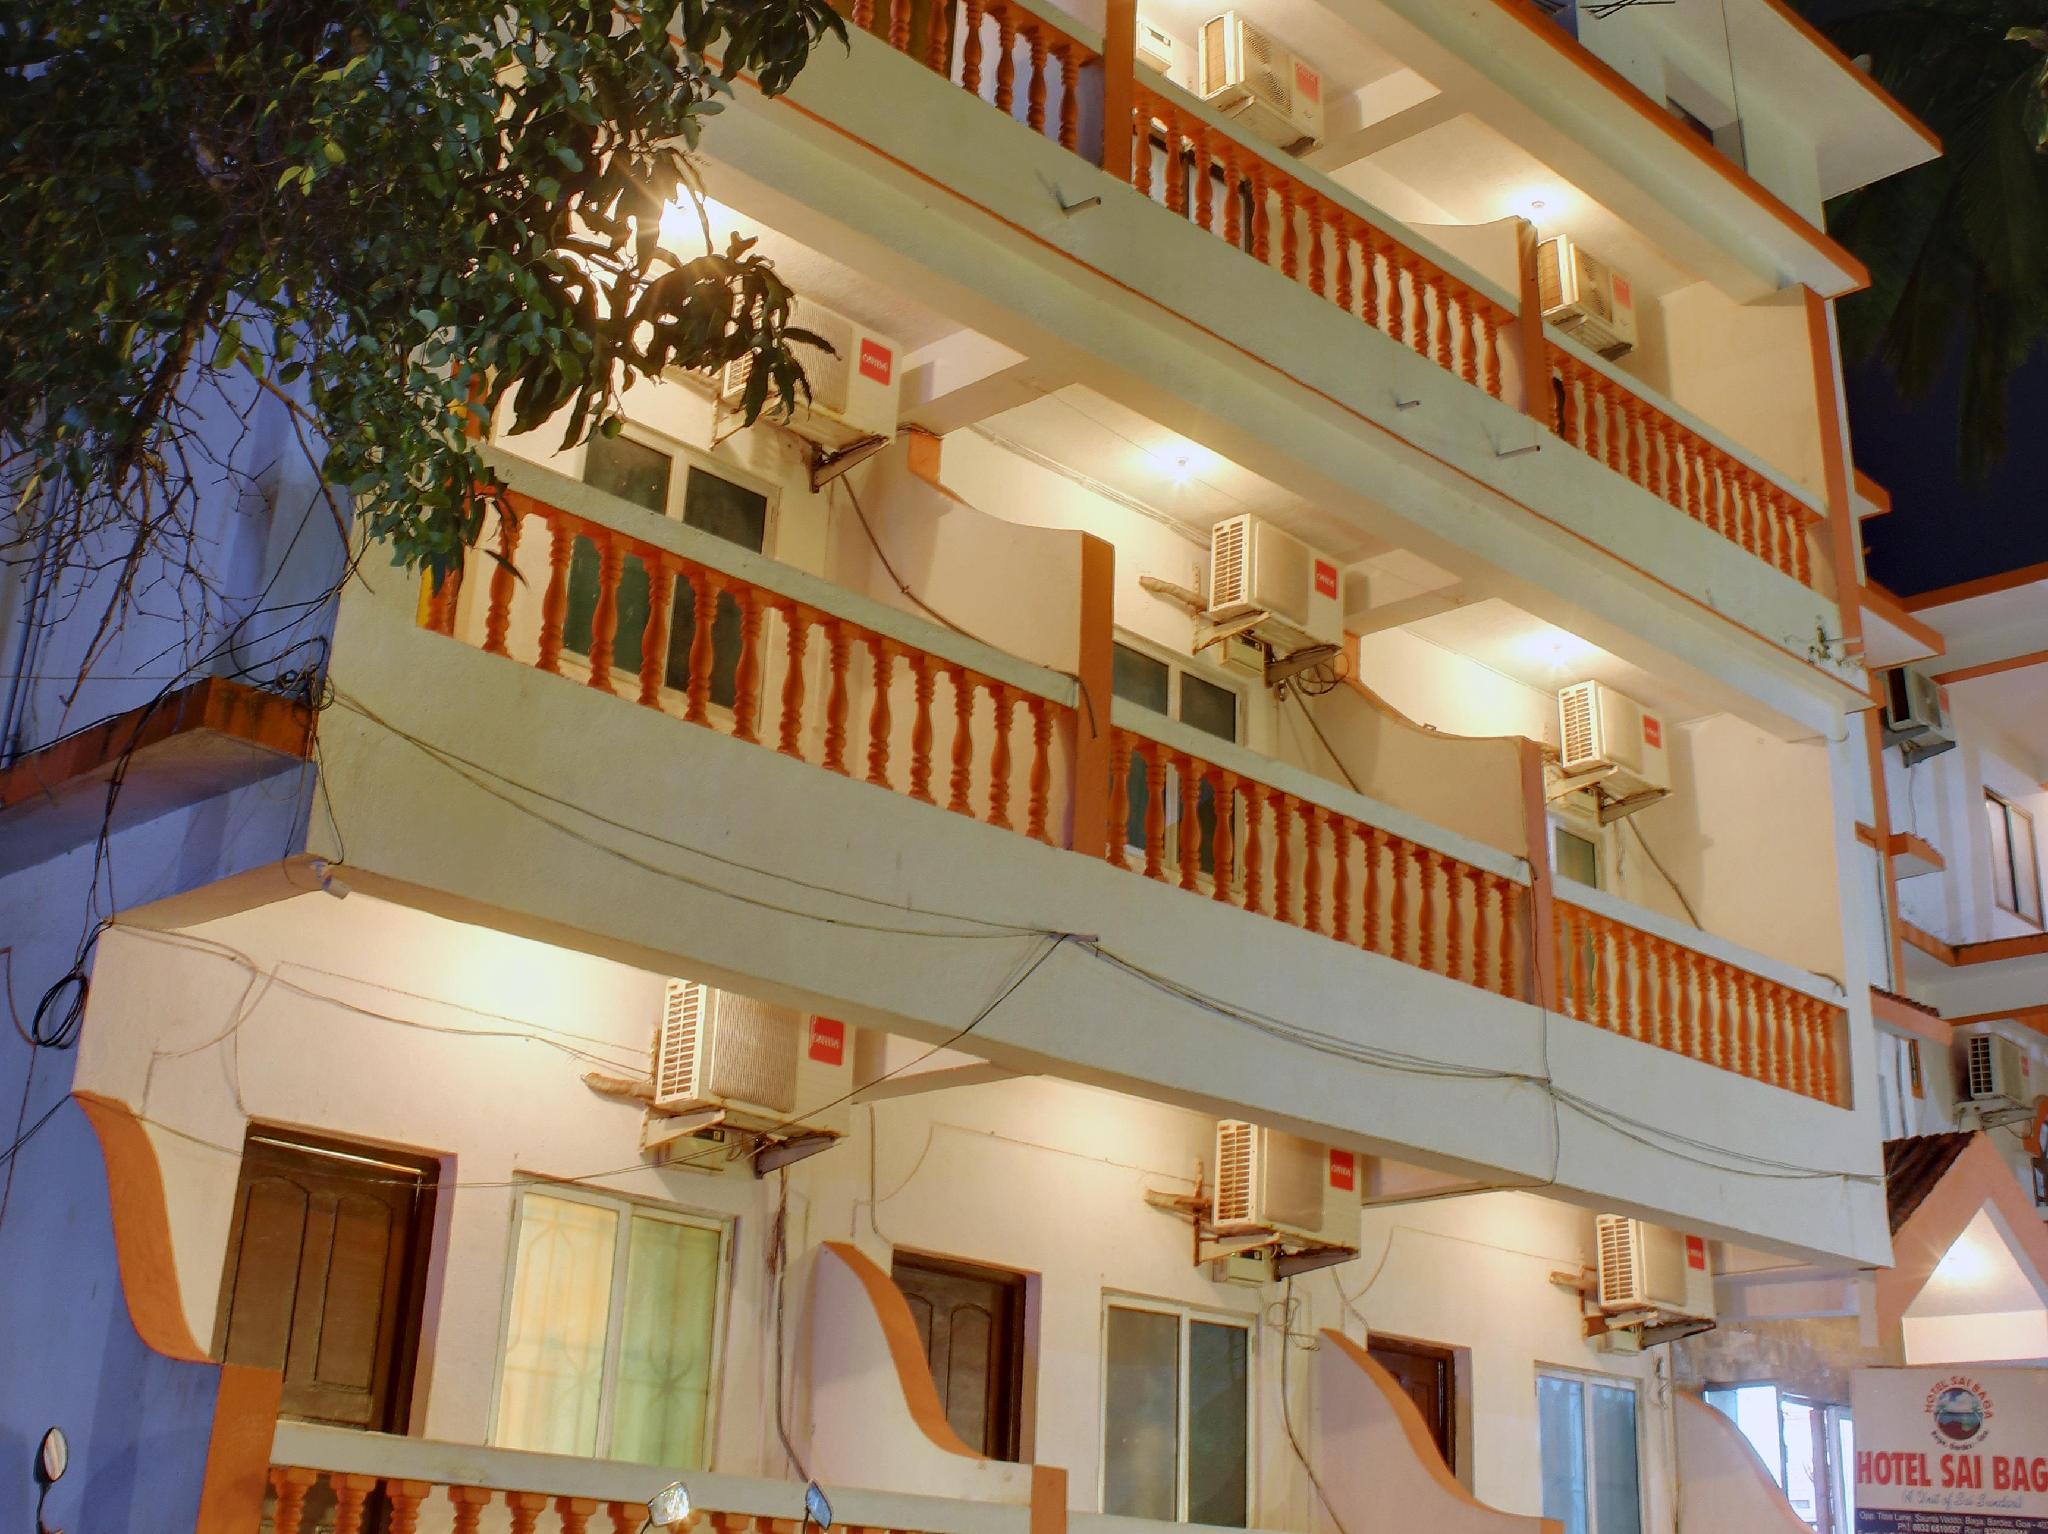 hotel sai baga goa india photos room rates promotions rh agoda com